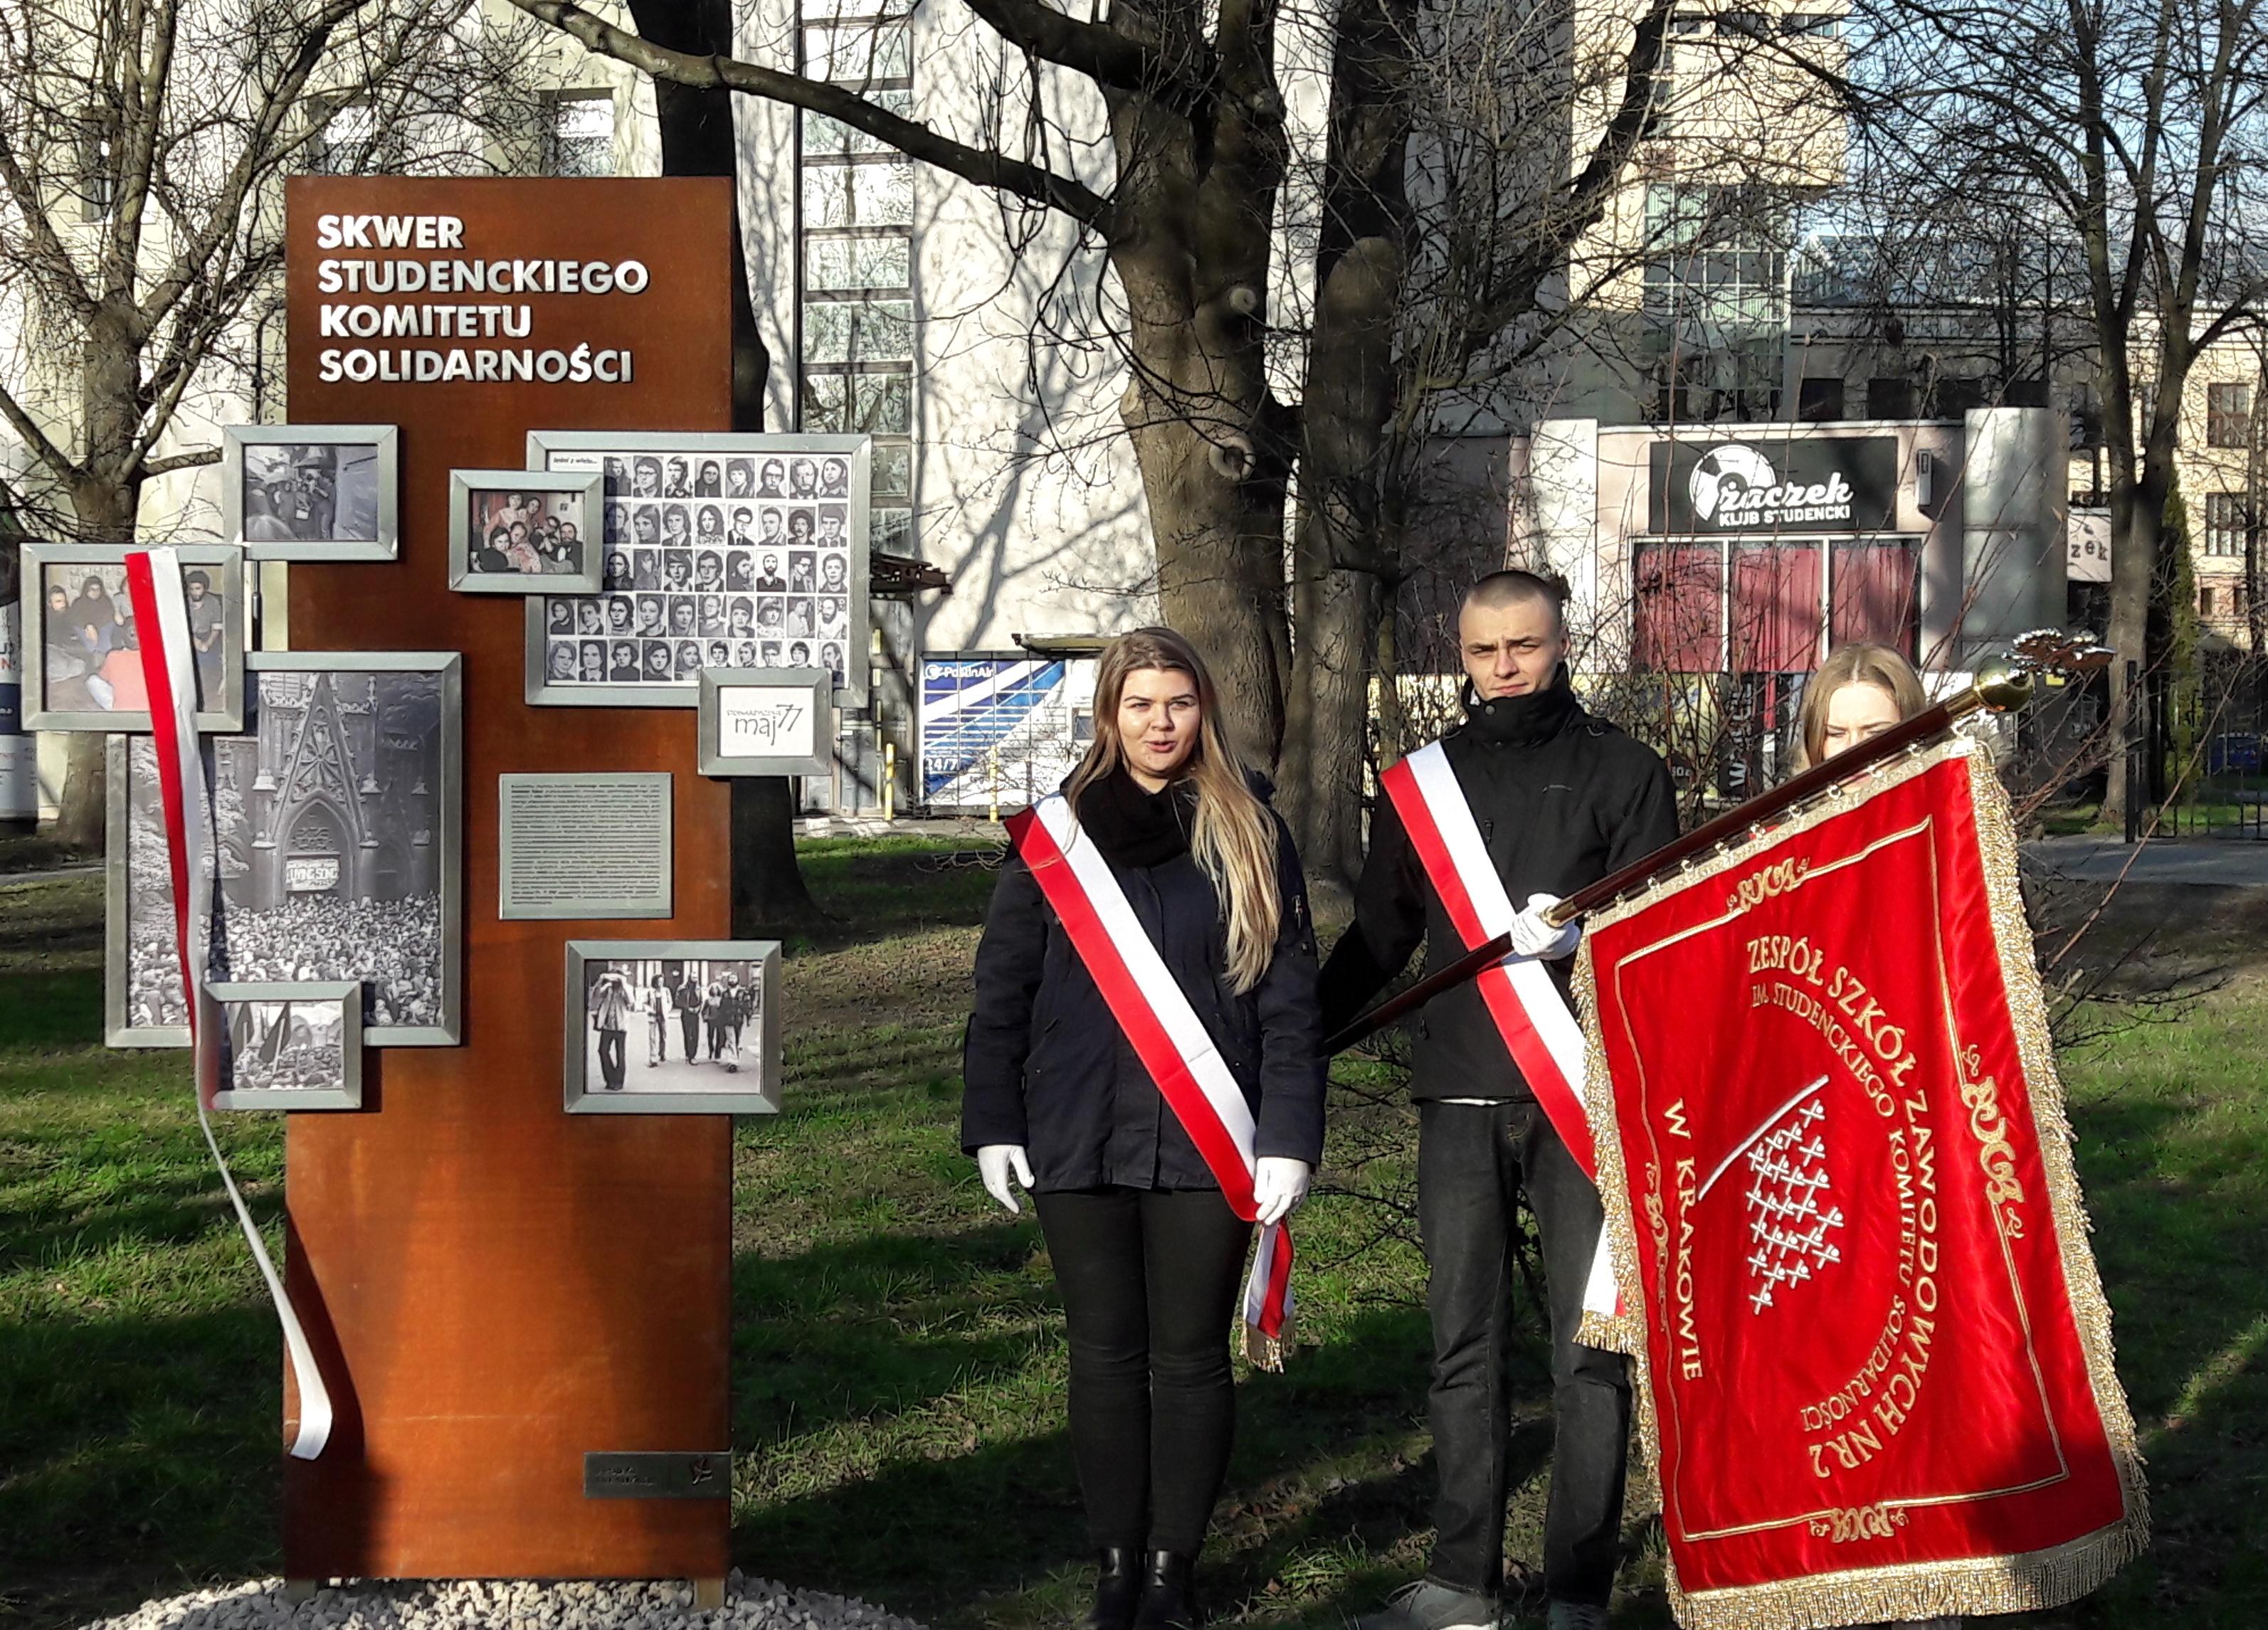 Sztandar naszej szkoły w uroczystości na skwerze im. Studenckiego Komitetu Solidarności